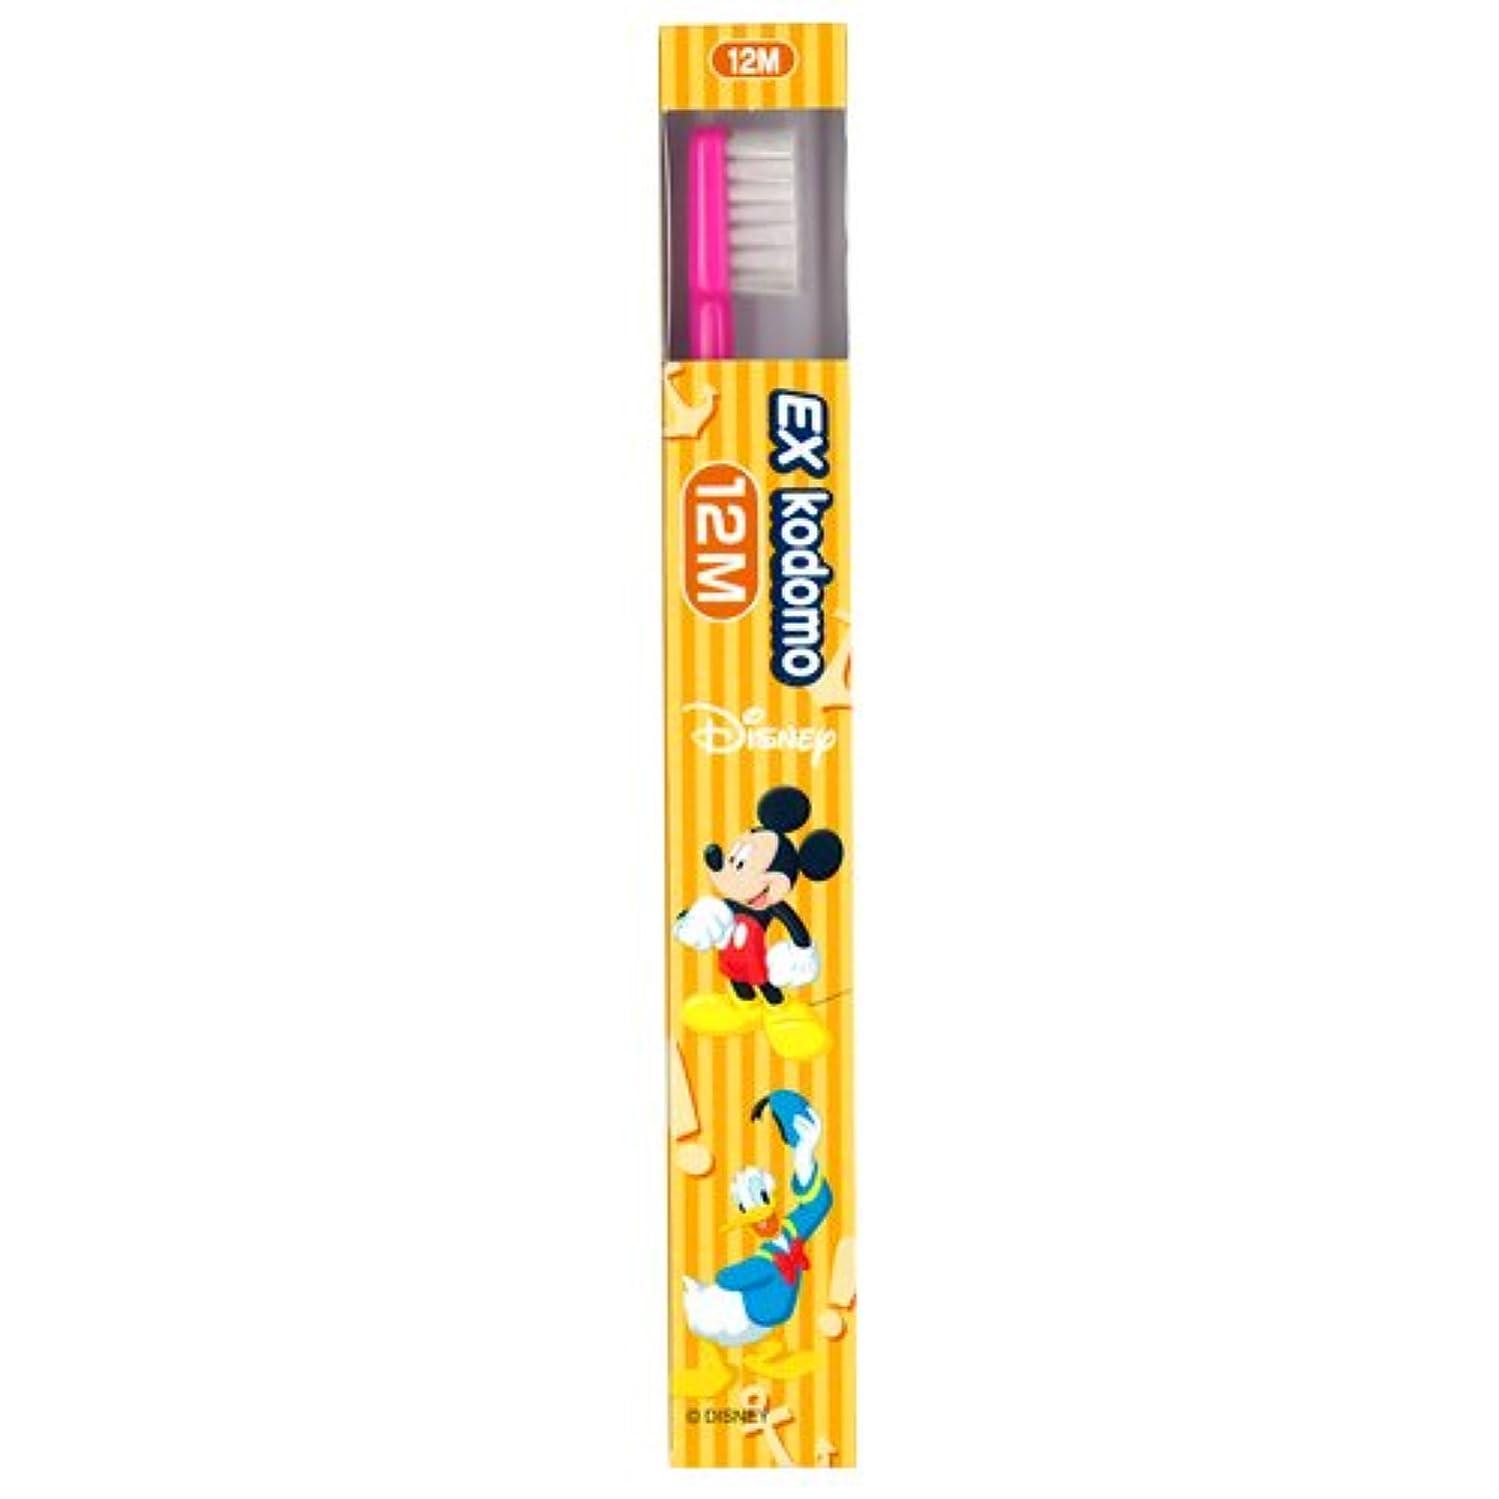 石枝音声学ライオン EX kodomo ディズニー 歯ブラシ 1本 12M ピンク